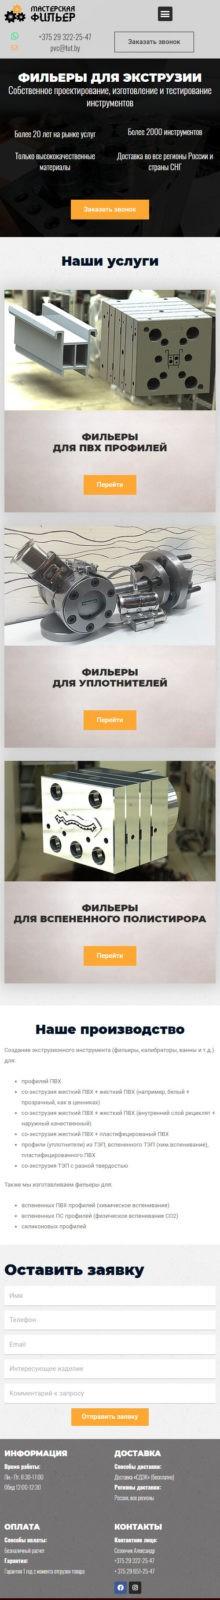 Сайт по производству фильер